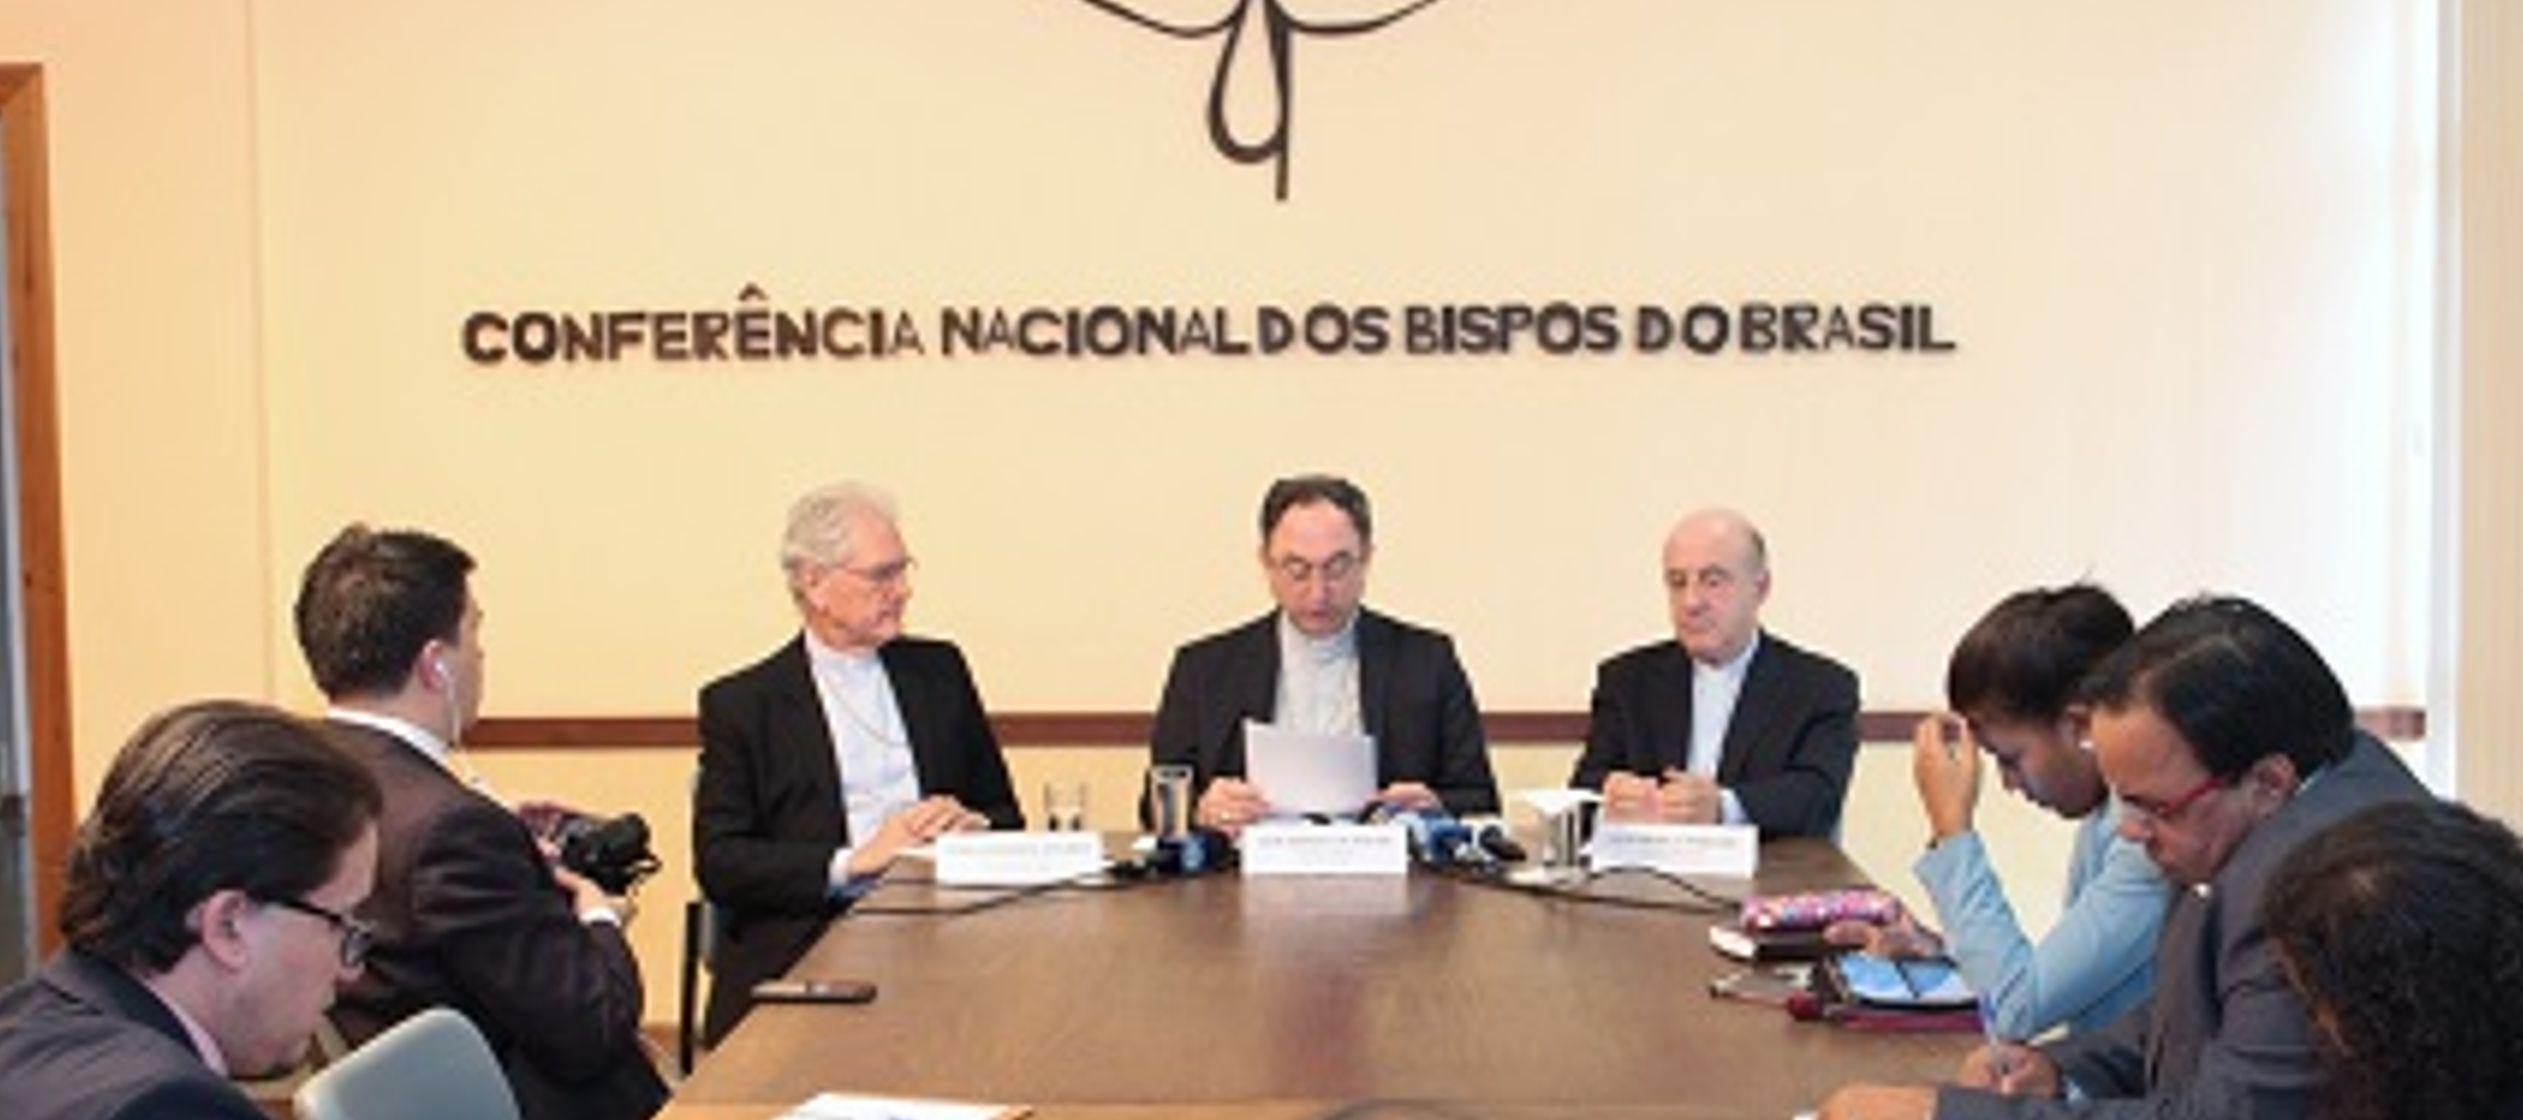 El secretario general de la Conferencia, frei Leonardo Steinberg, conversó sobre la...